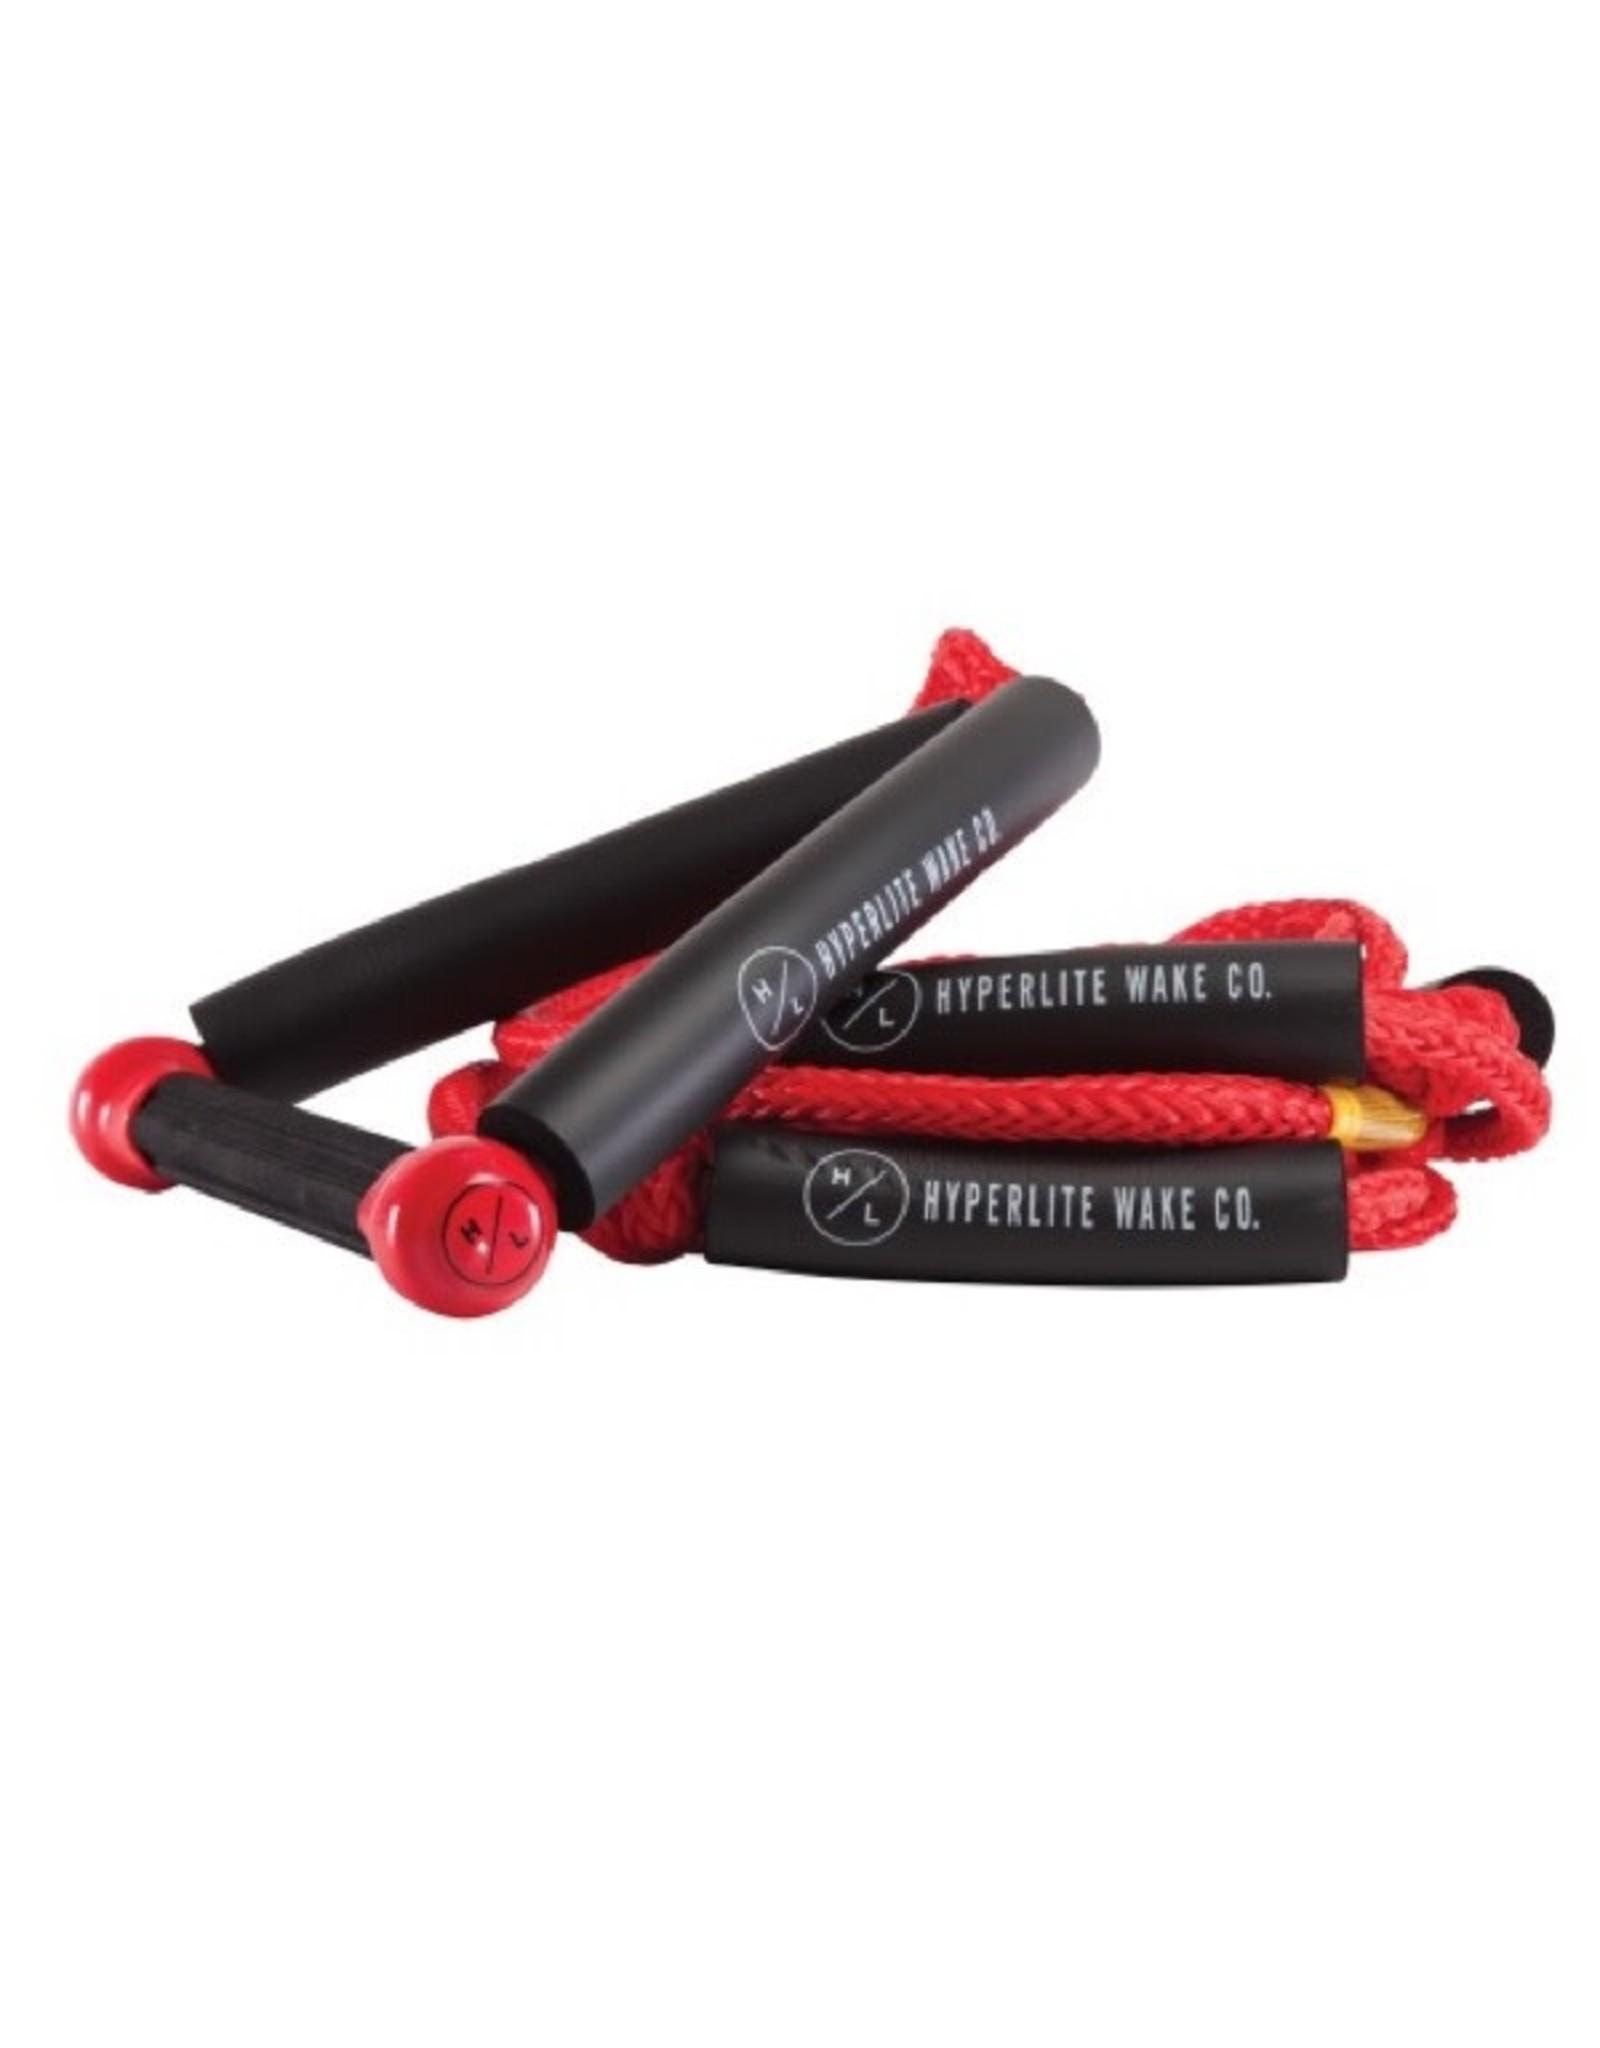 Hyperlite 25' Surf Rope W/ Handle